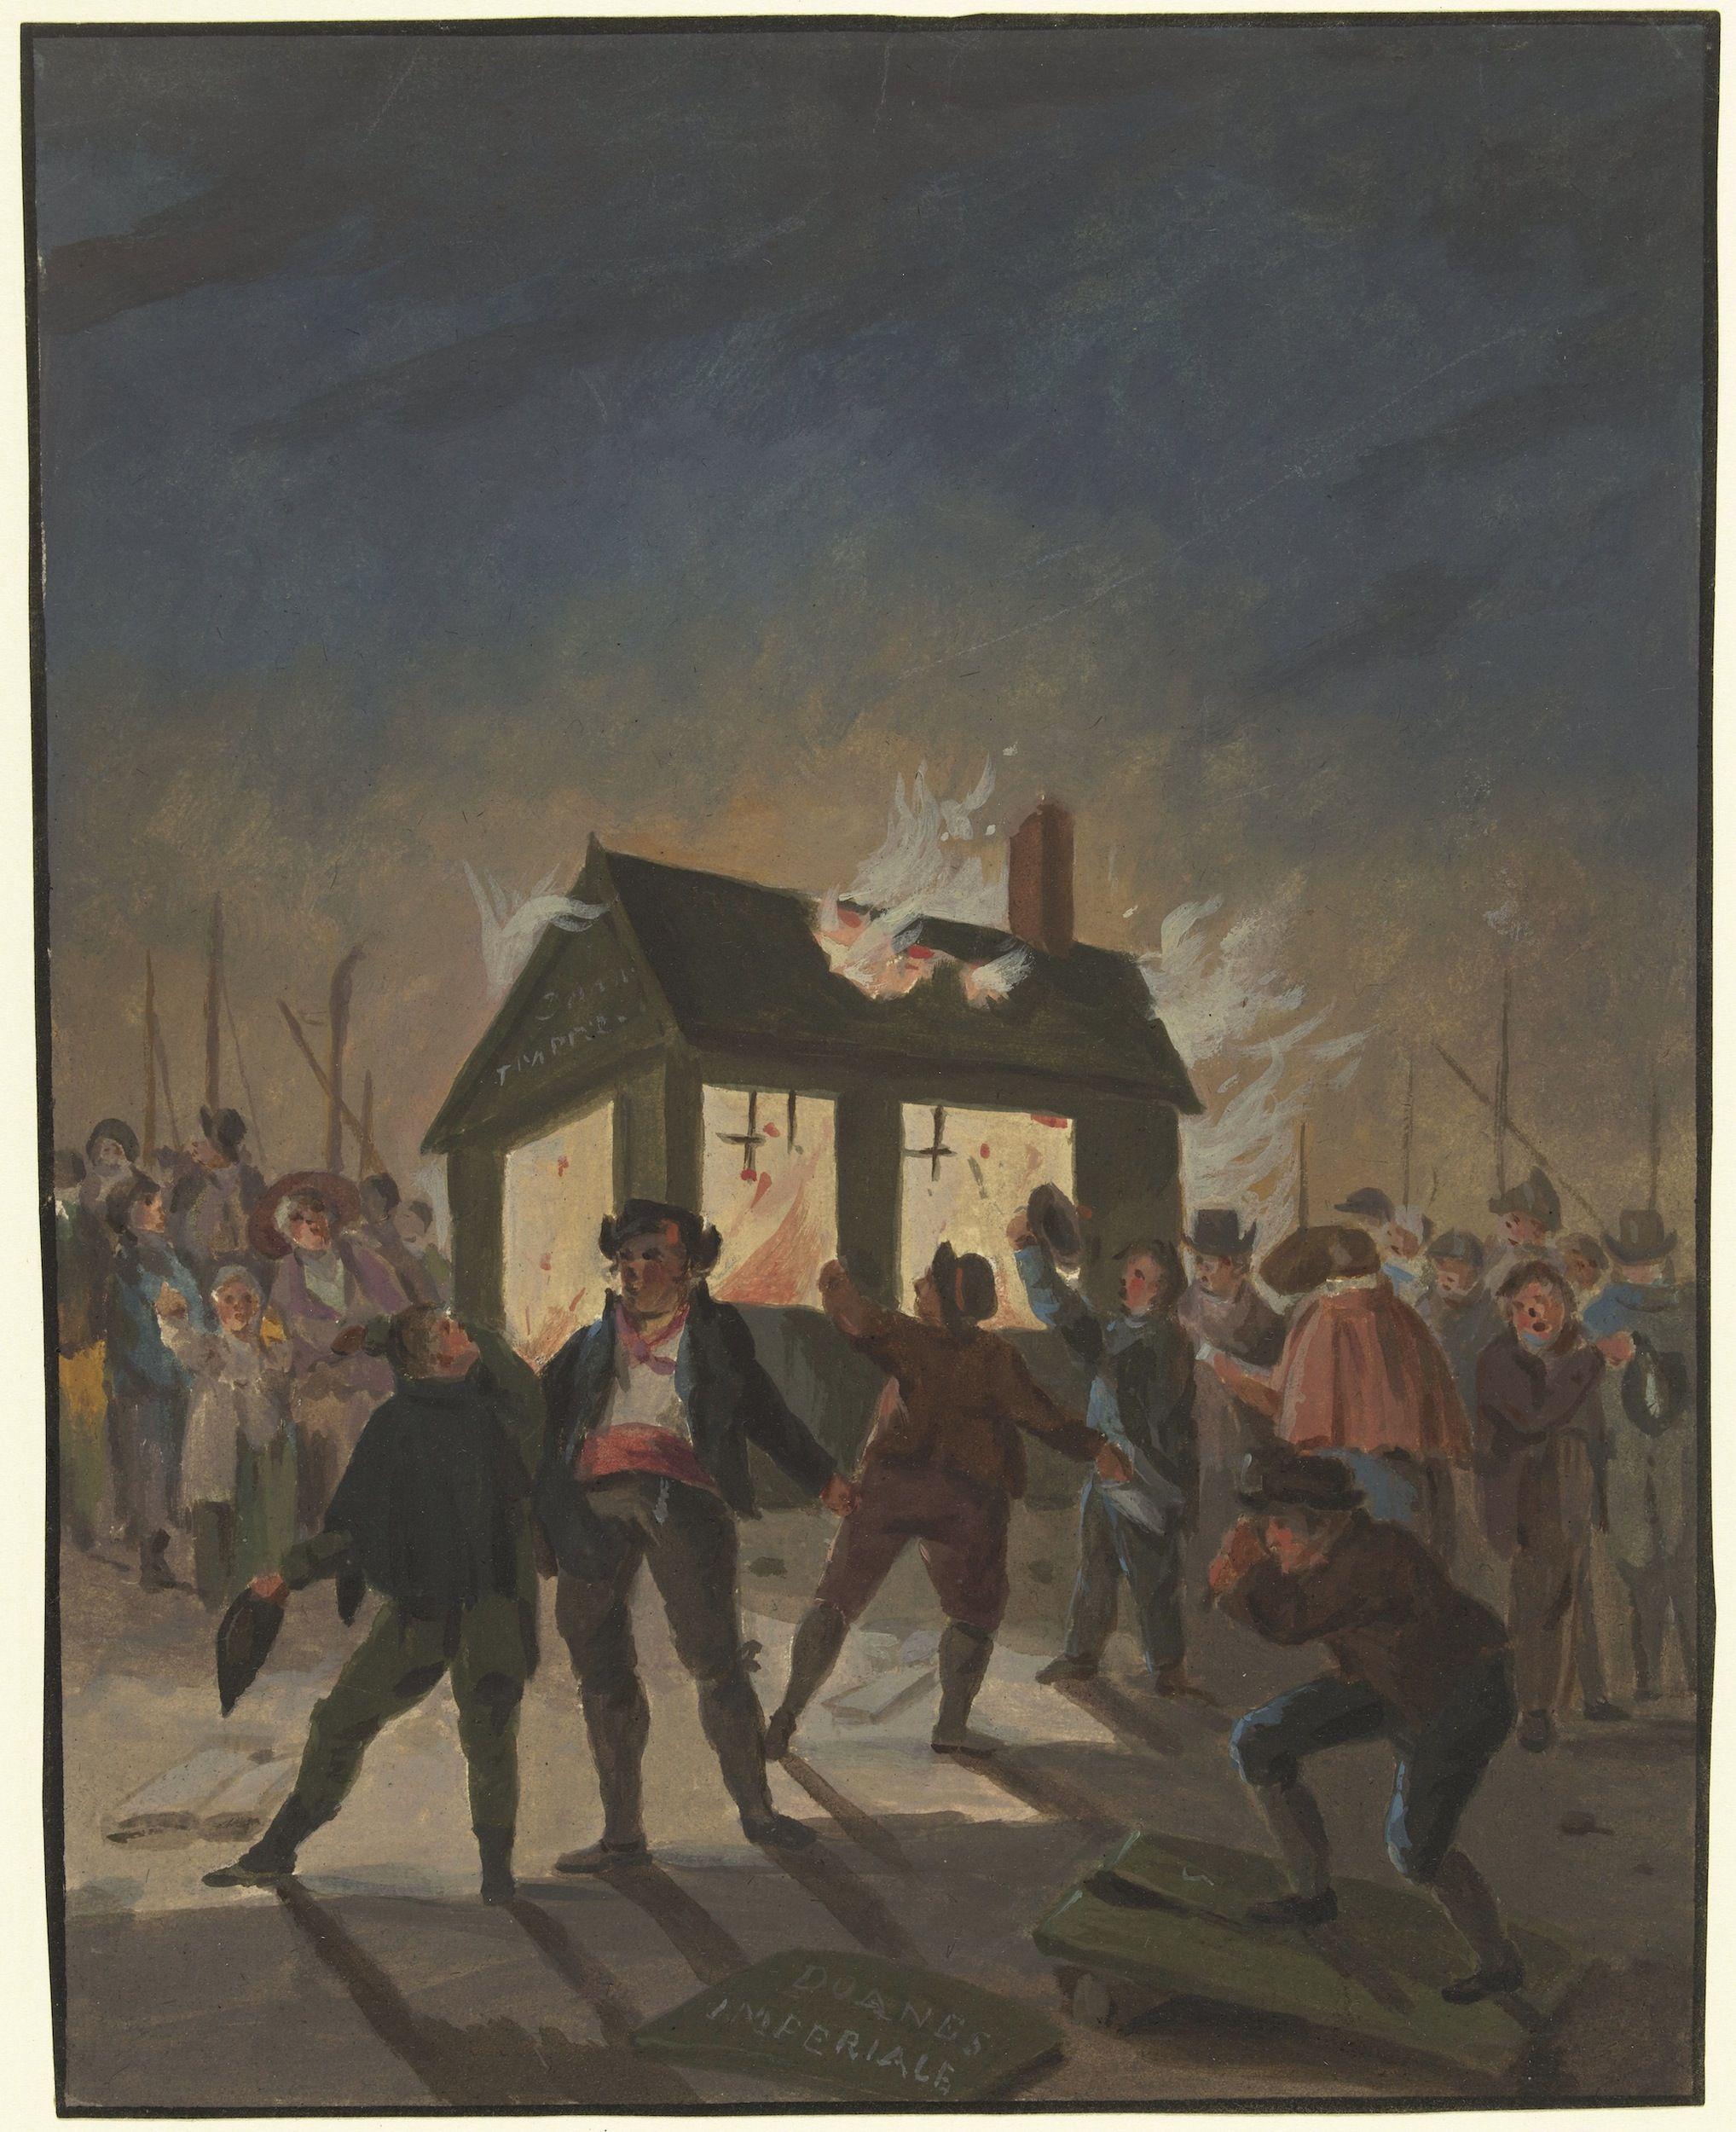 Het verbranden van de douanehuisjes in Amsterdam op 15 november 1813, anonieme tekenaar